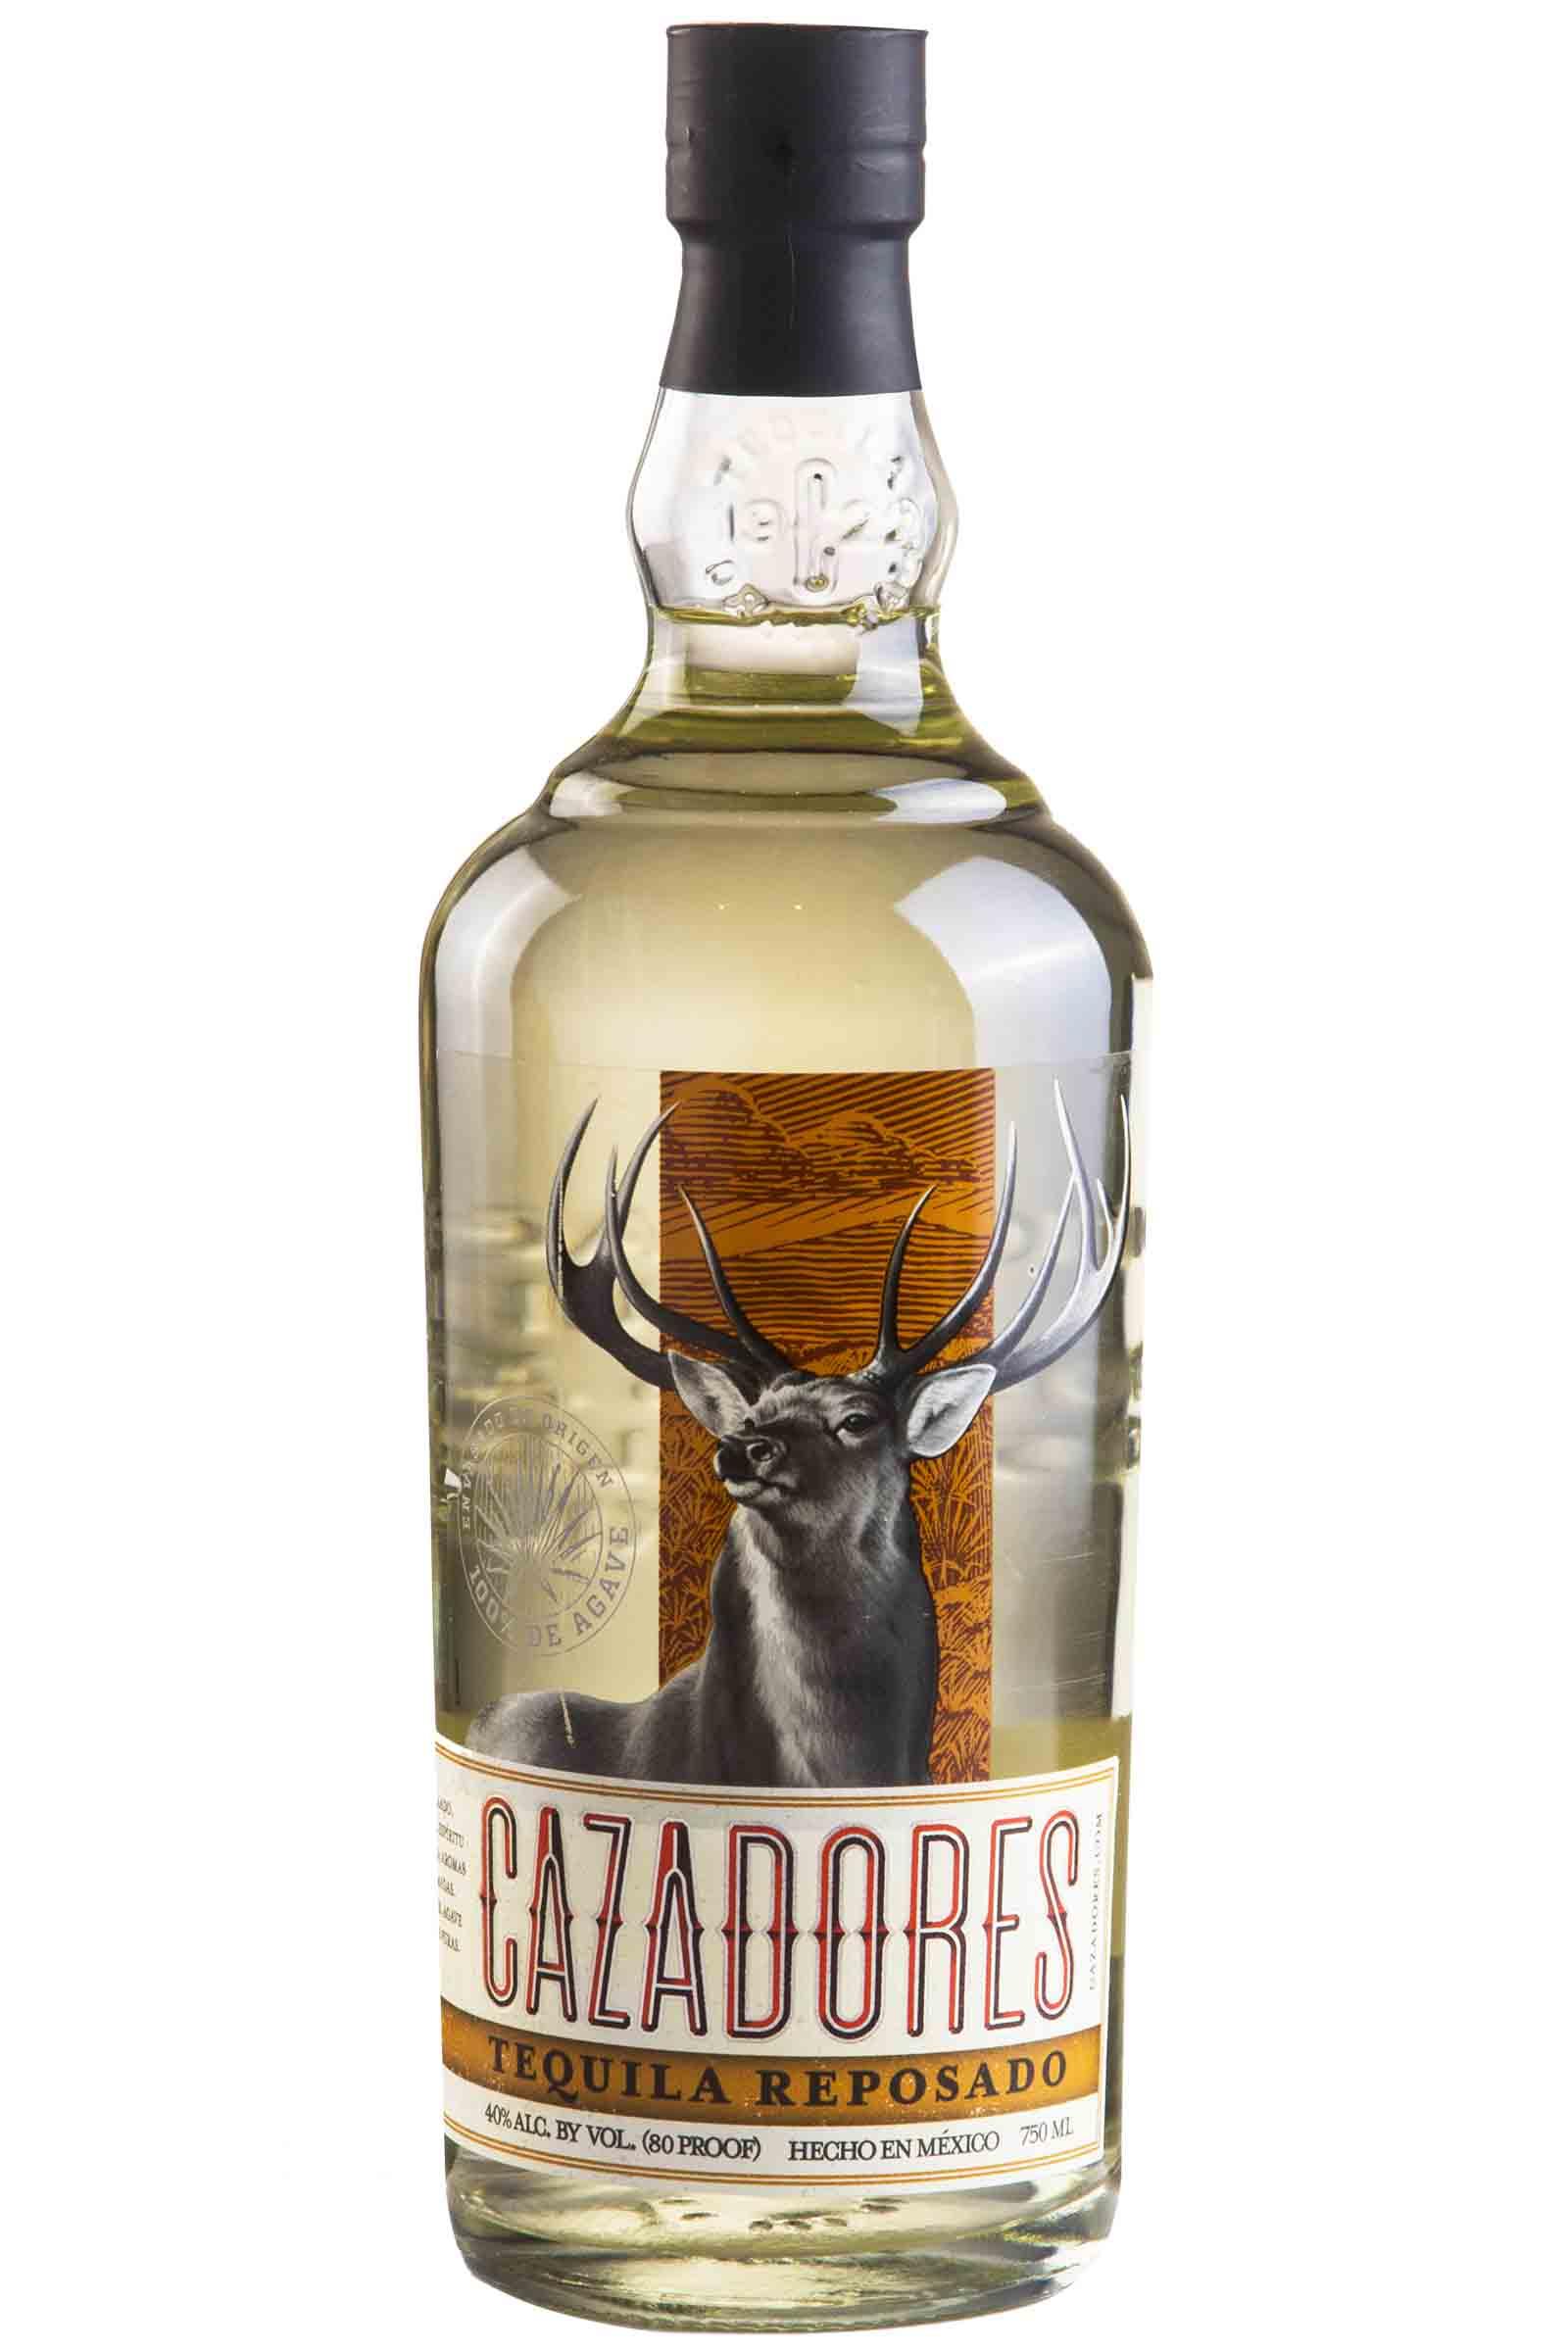 Tequila Cazadores Reposado 100% Agave 750ml